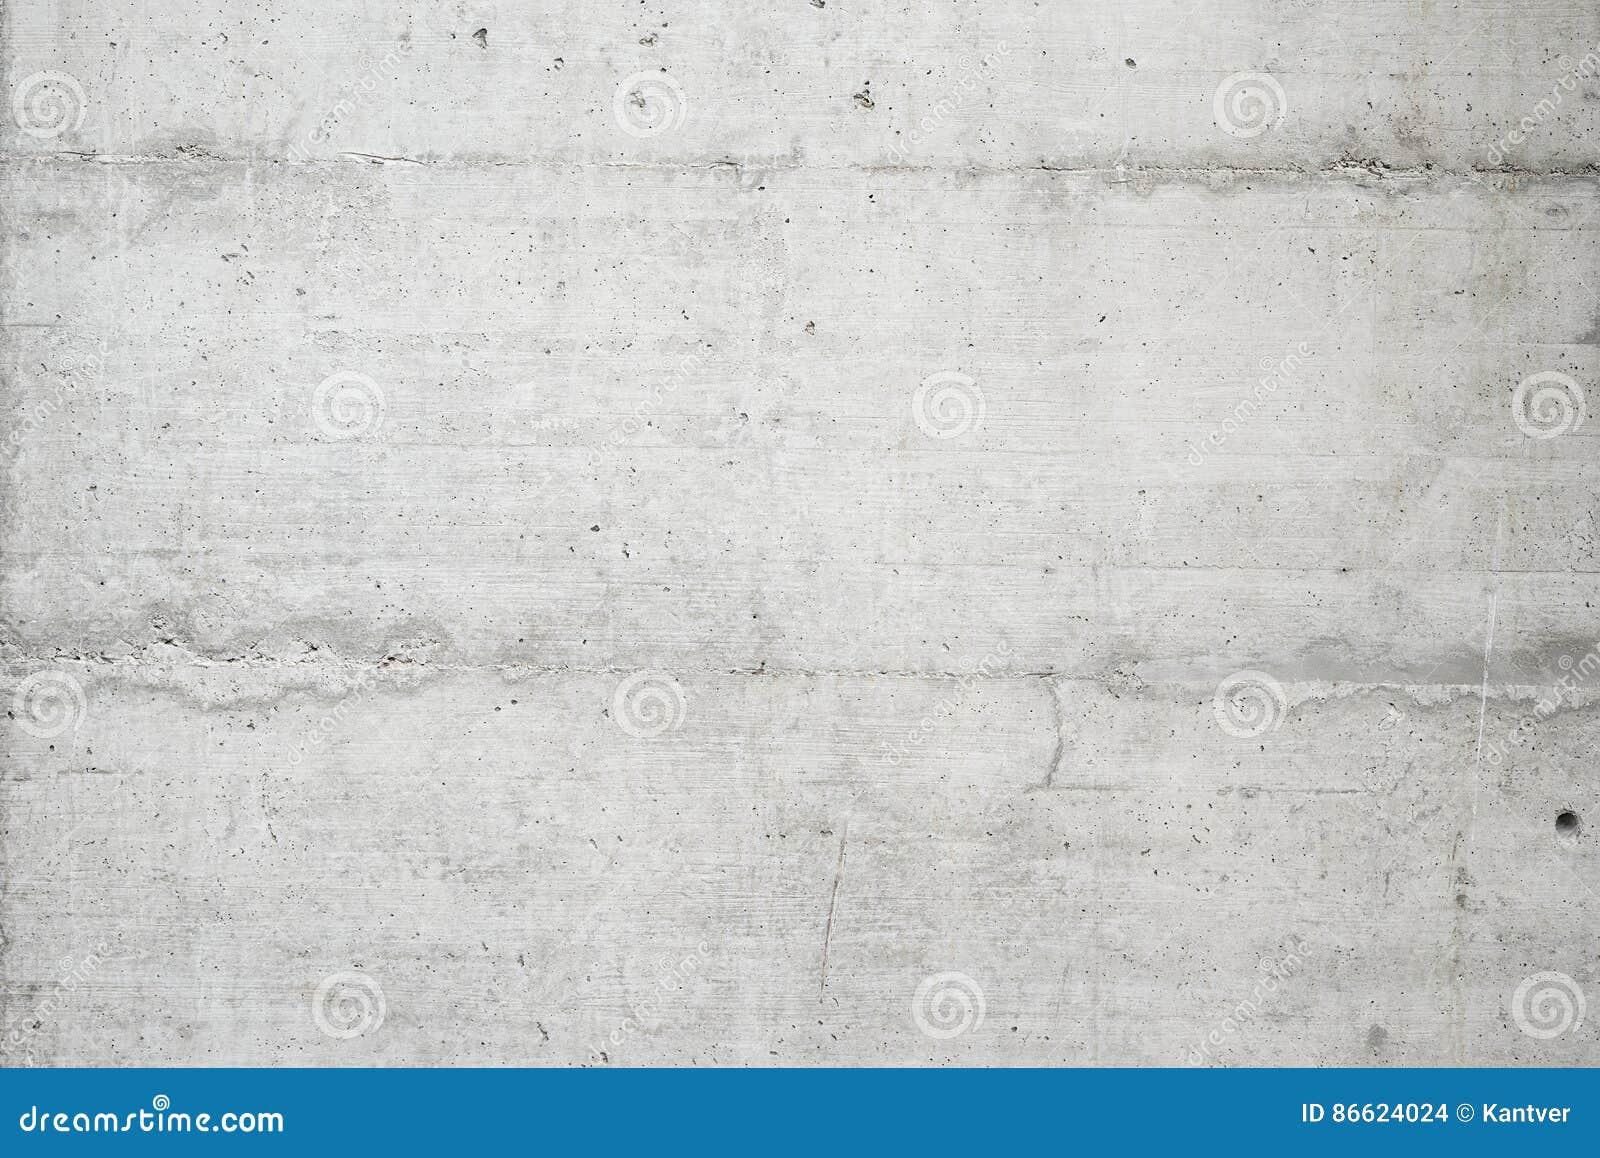 Fondo vacío abstracto Foto de la textura natural gris del muro de cemento Superficie lavada gris del cemento horizontal